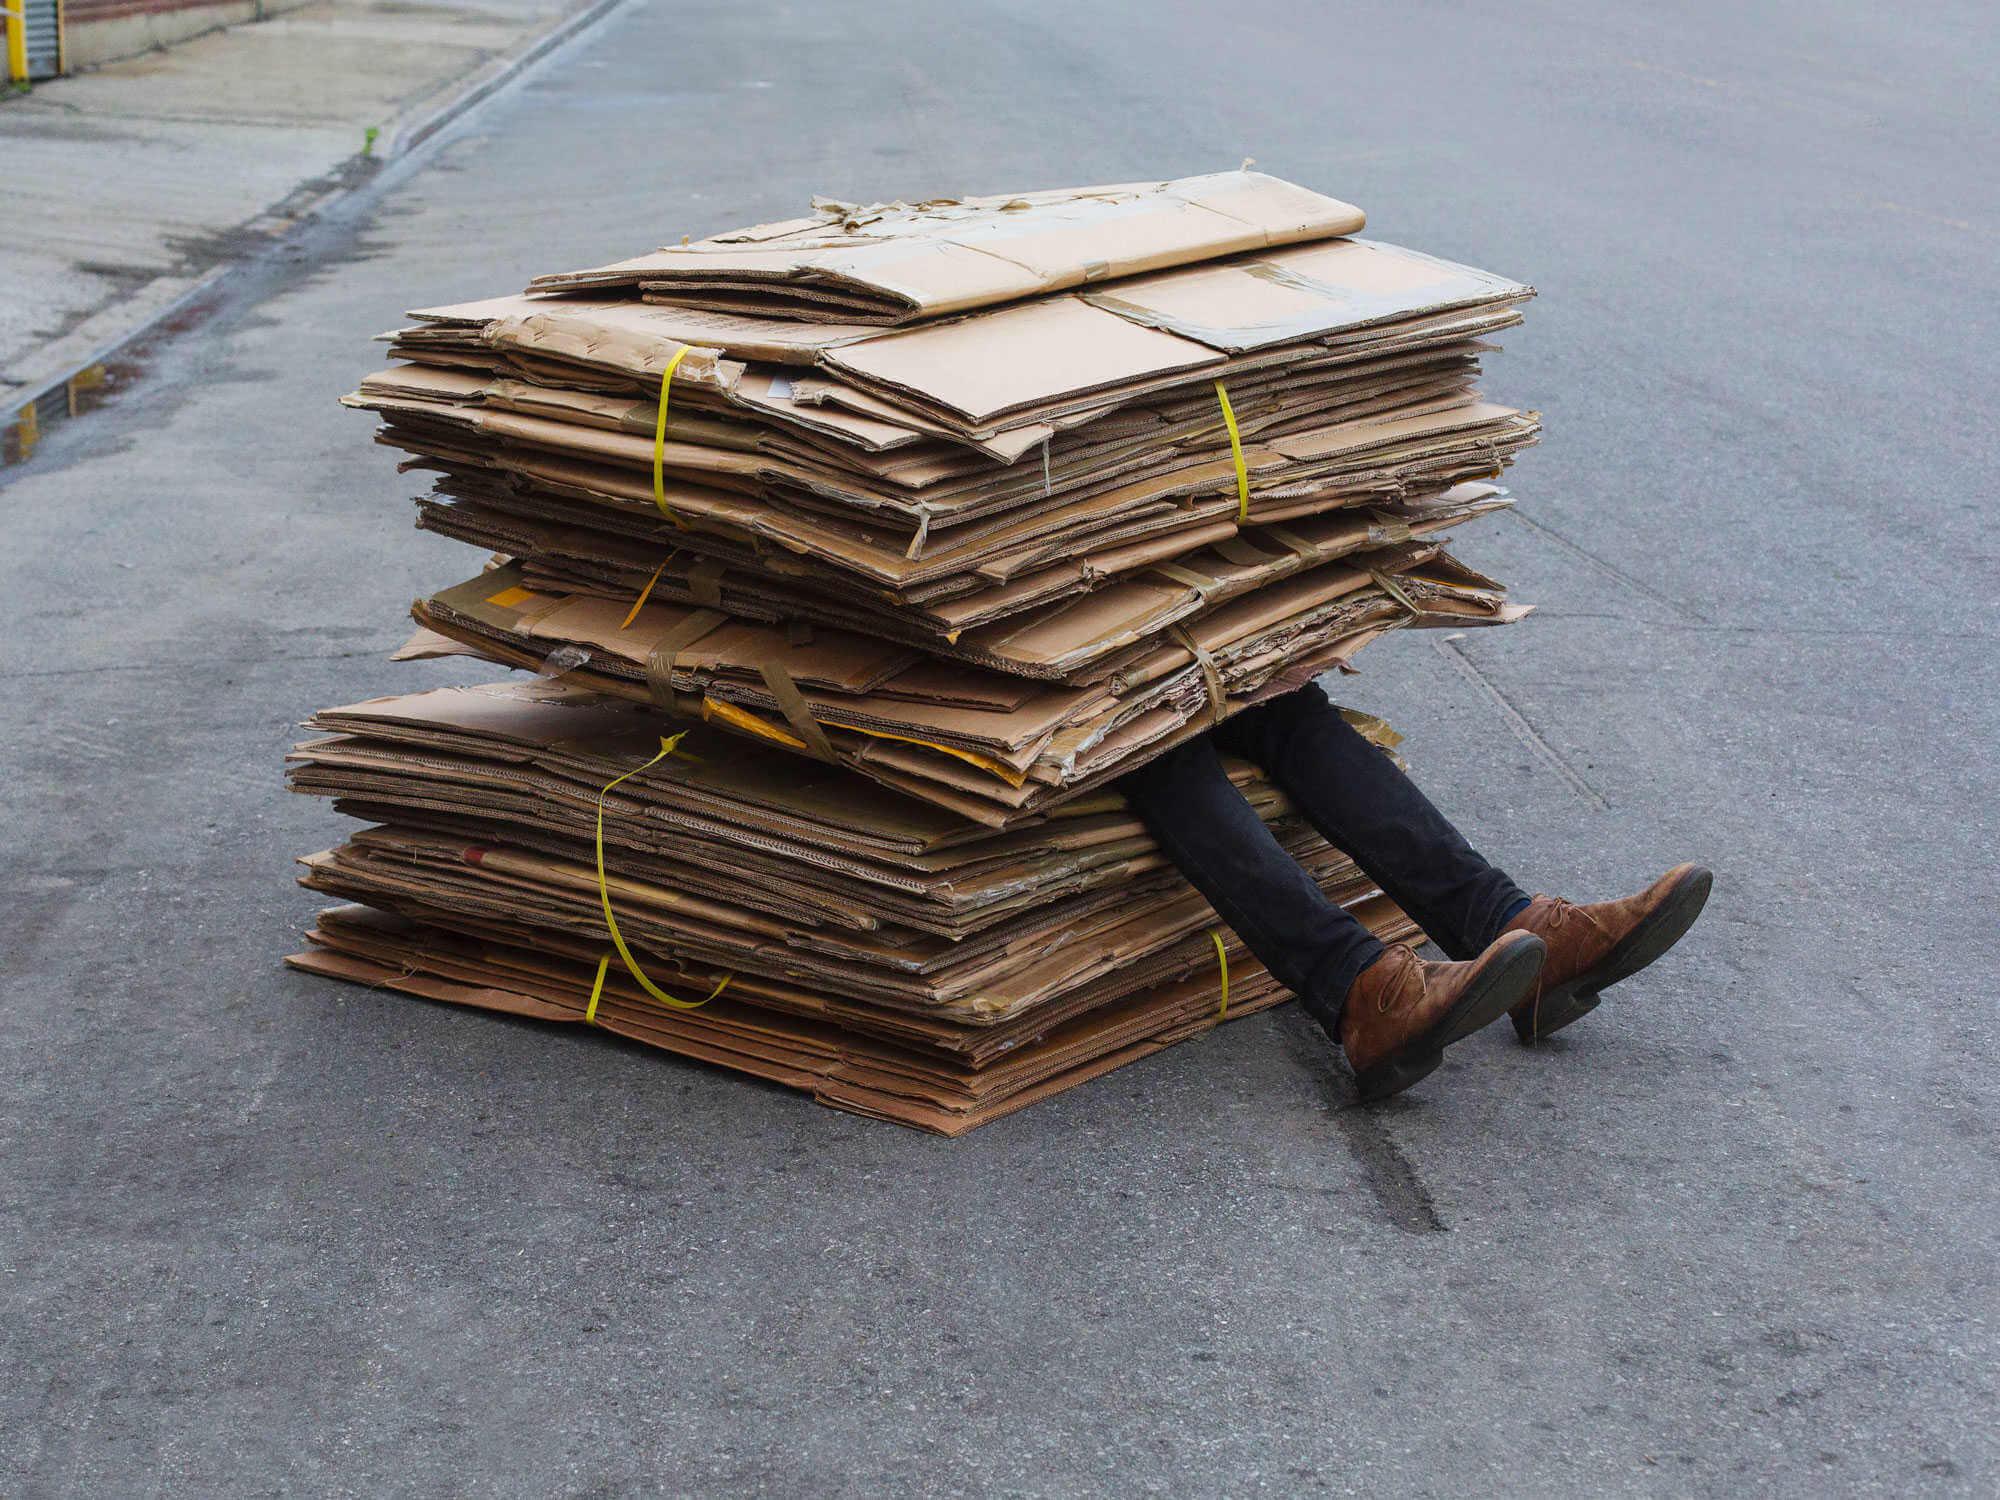 foto de hombre aplastado por cartones